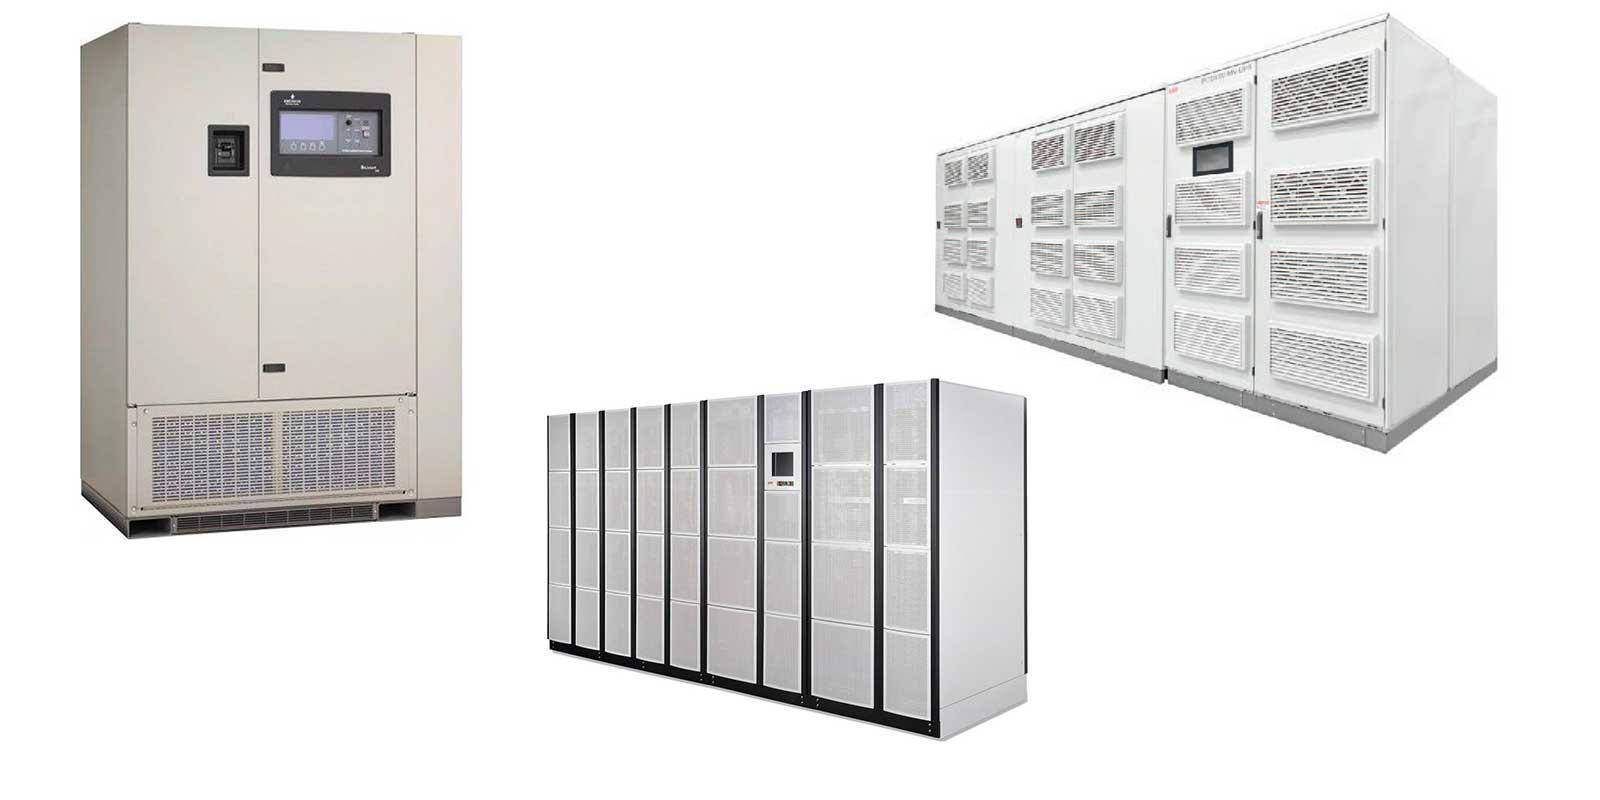 ponuda akumulatora ups sustave i centrale